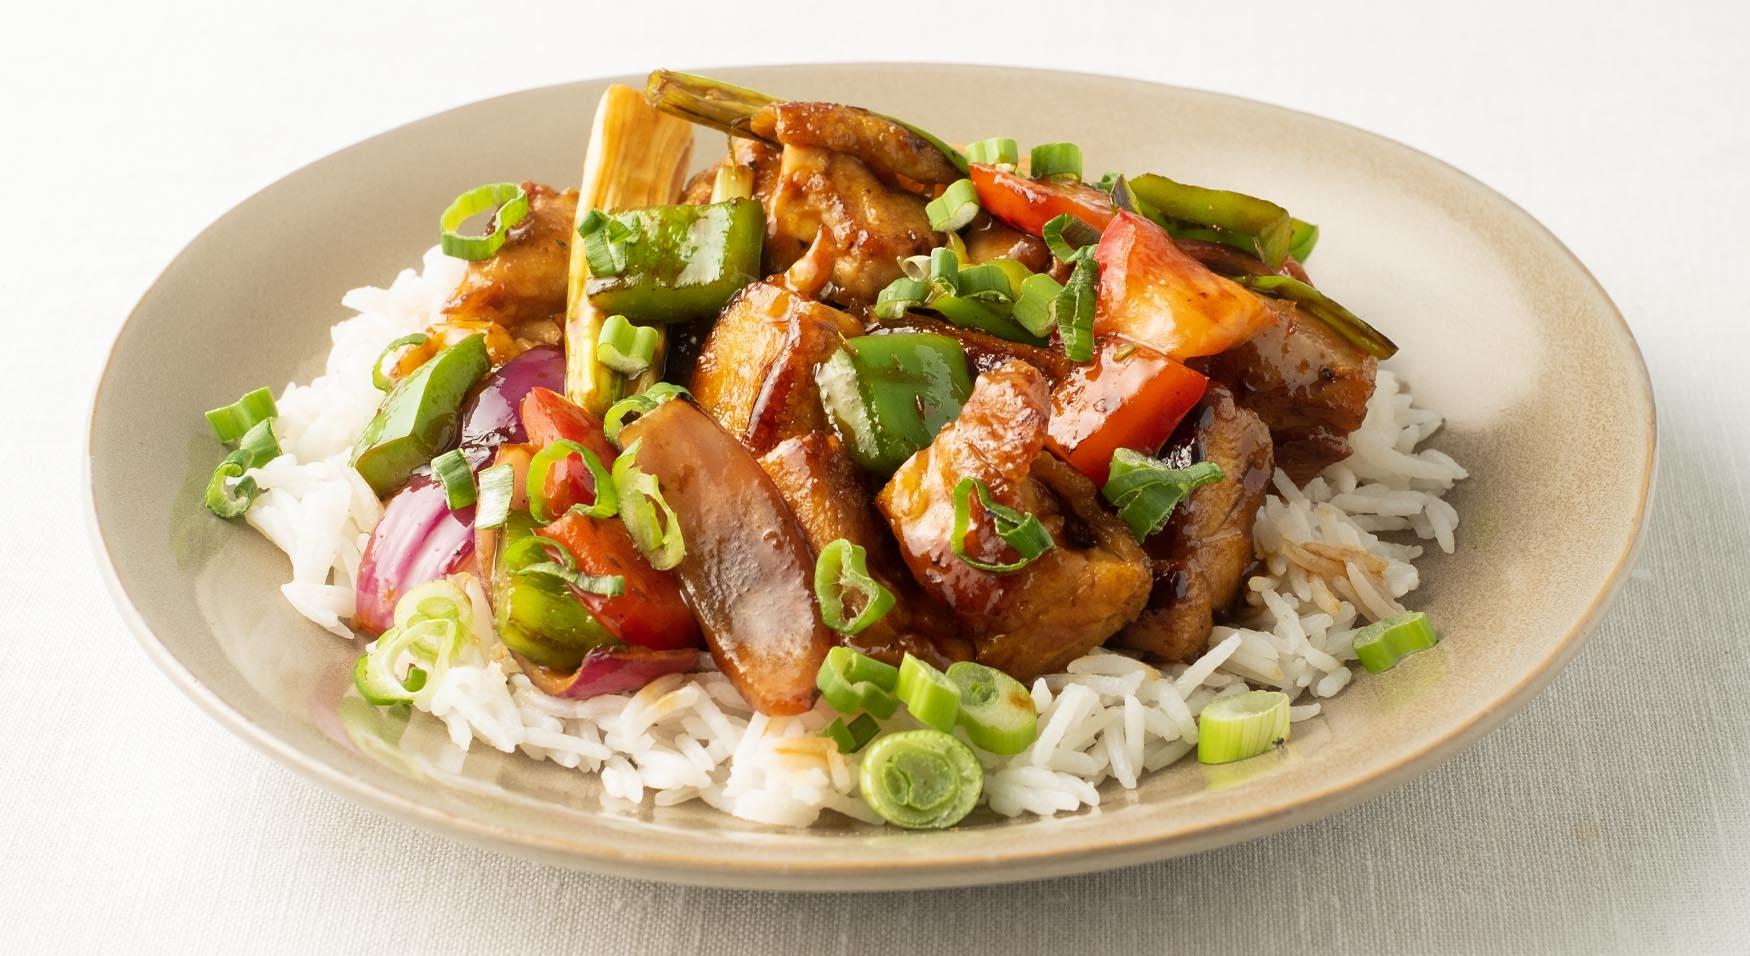 Salteado de pollo asiático, verduras y arroz blanco